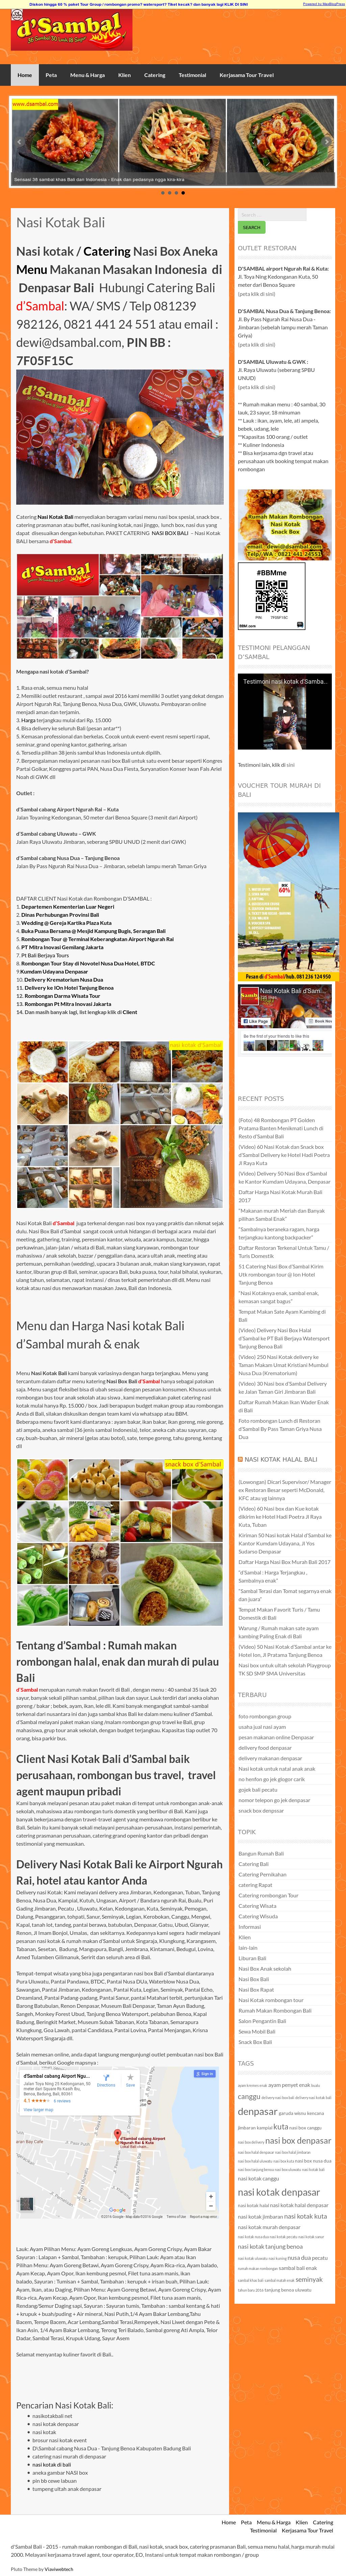 Nasi Kotak Bali D Sambal Competitors Revenue And Employees